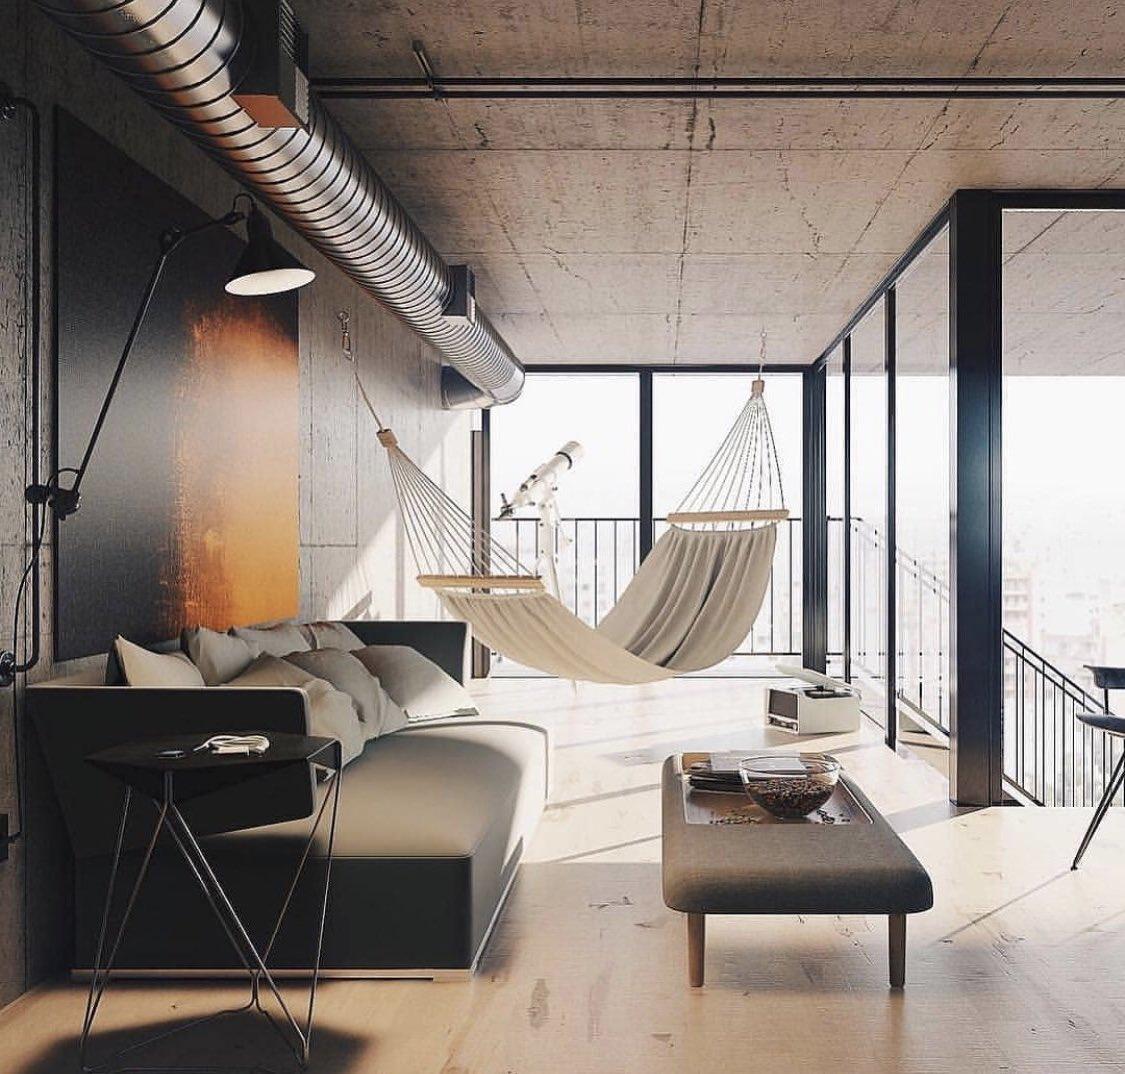 Гамак в гостиной поможет расслабиться после трудового дня